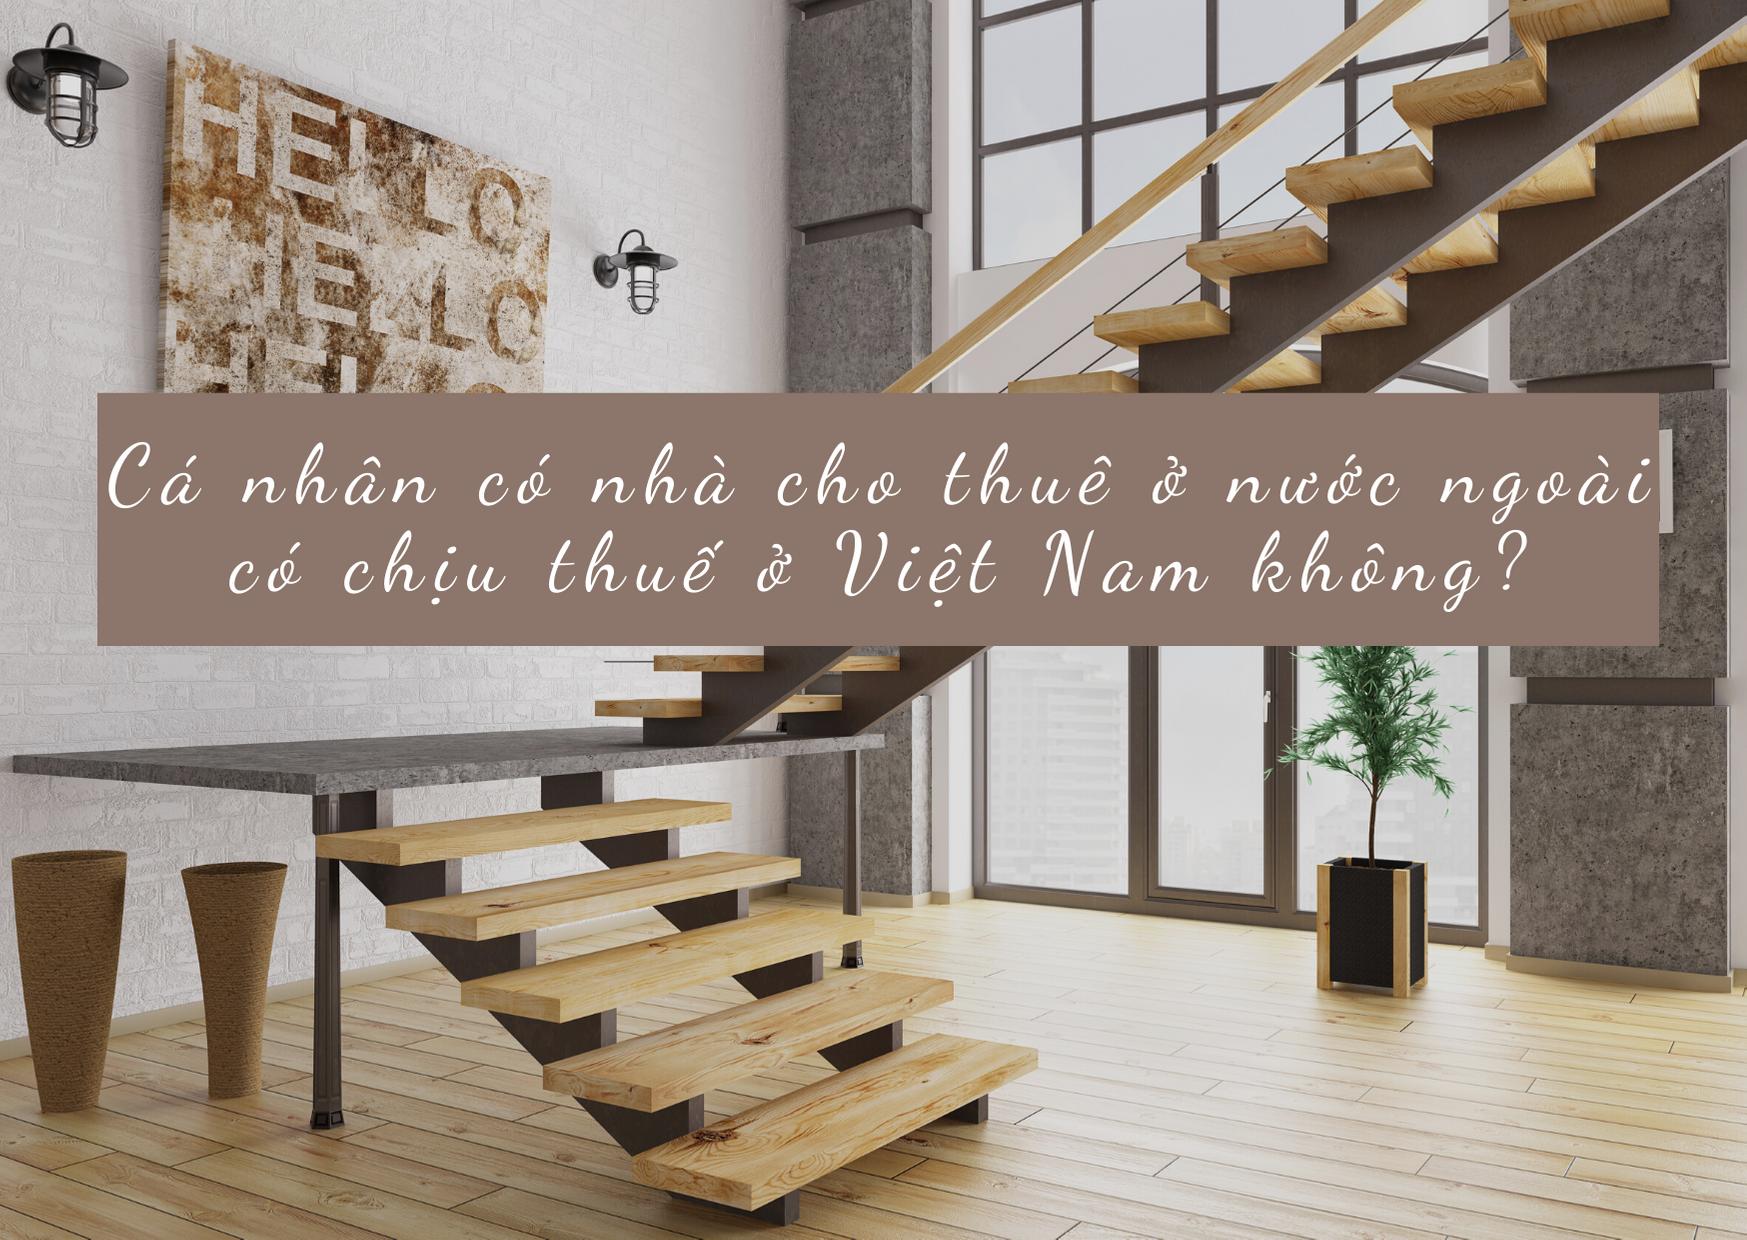 Cá nhân có nhà cho thuê ở nước ngoài có chịu thuế ở Việt Nam không?